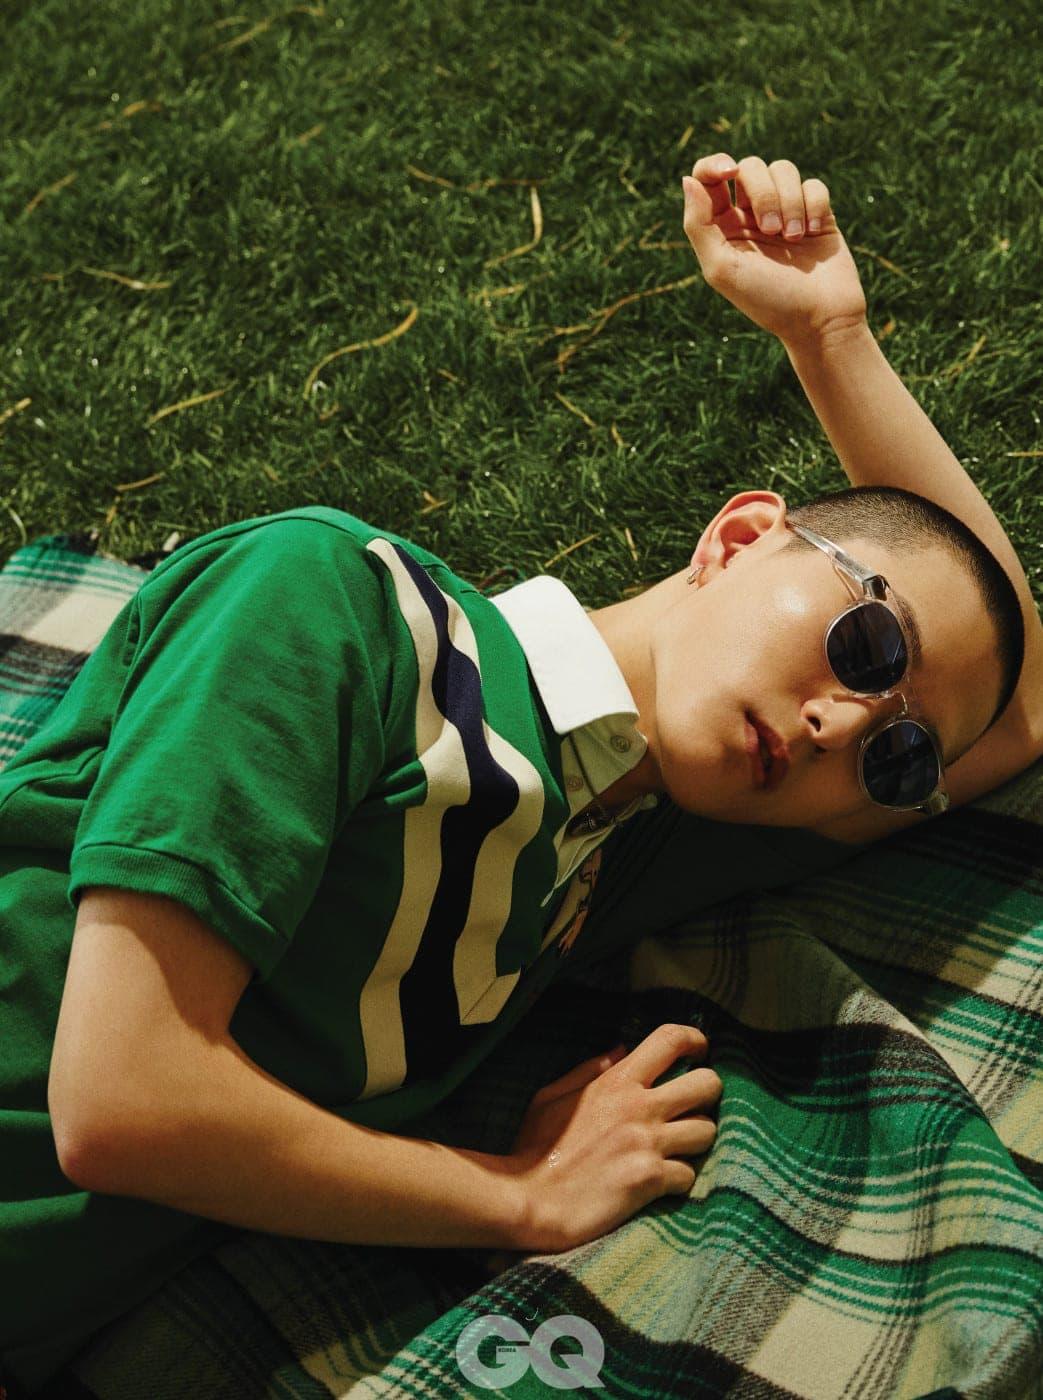 그린 피케 셔츠, 목걸이, 체크무늬 숄 가격 미정, 모두 구찌. 선글라스 가격 미정, 루이 비통.